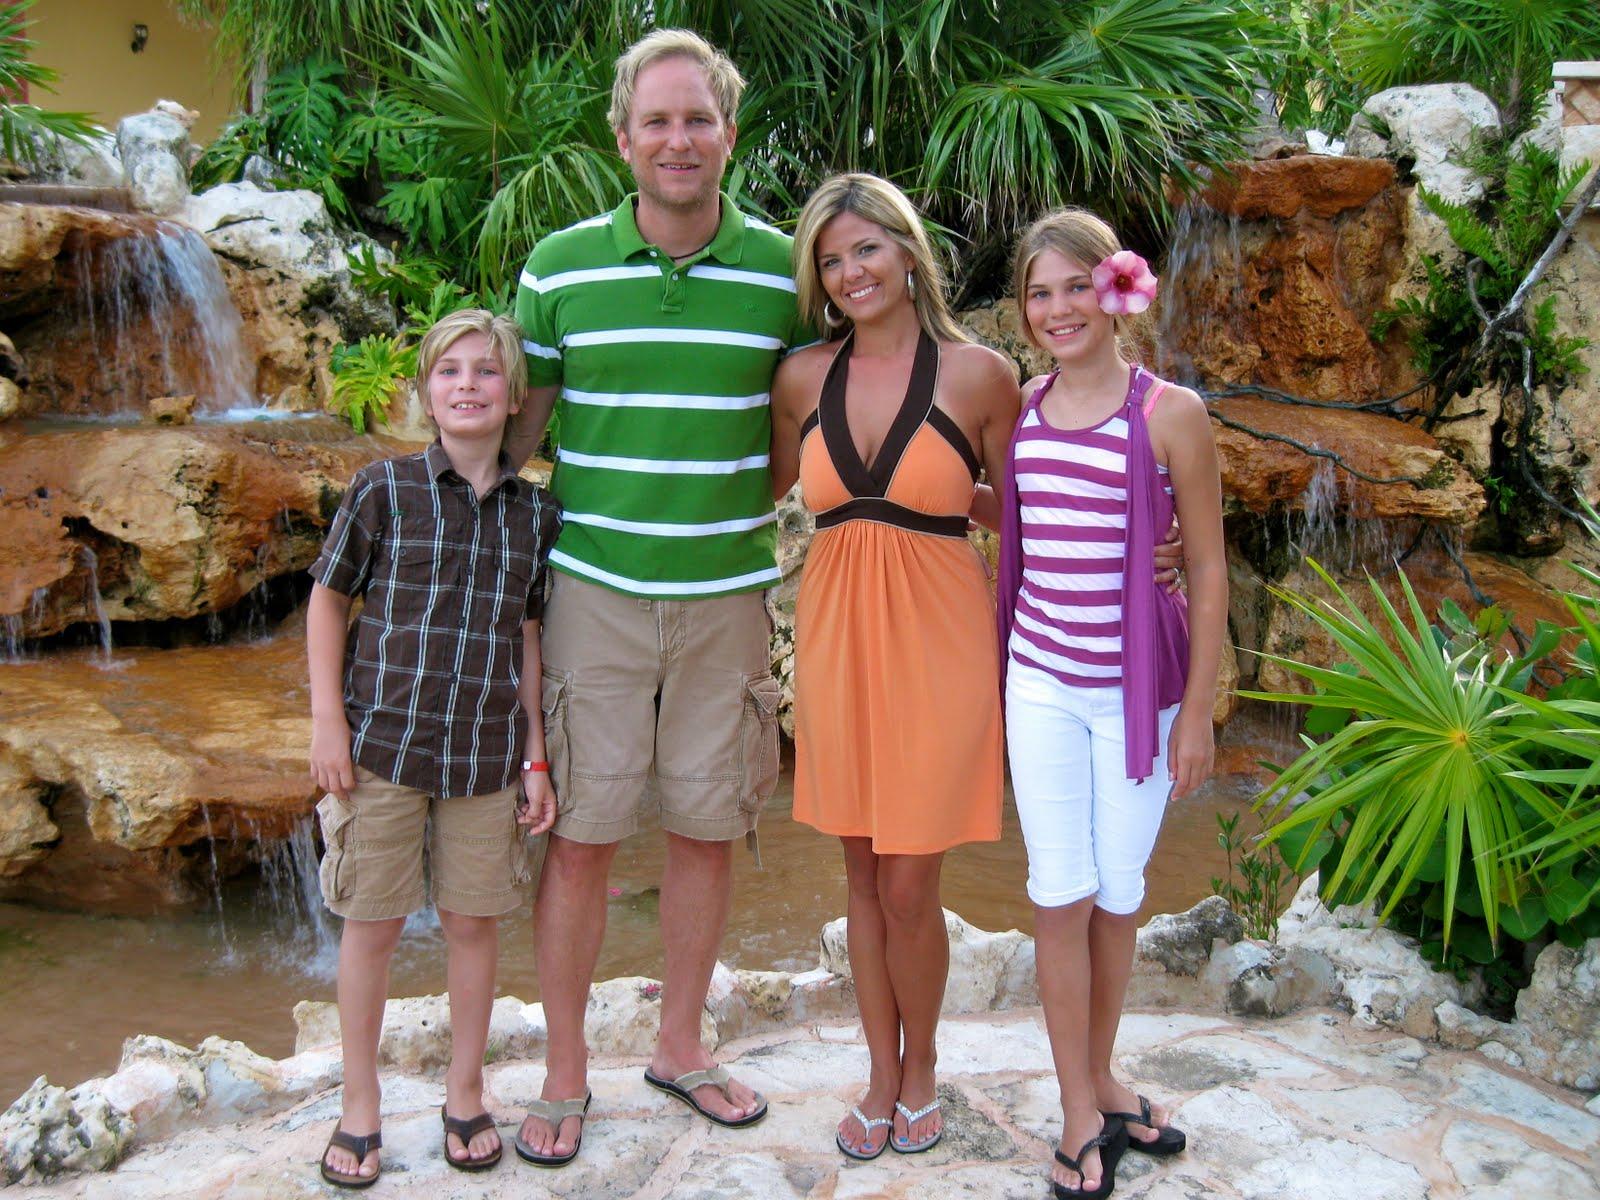 Chapman Fishing==Family Fun!: Family Vacation in Biloxi, MS